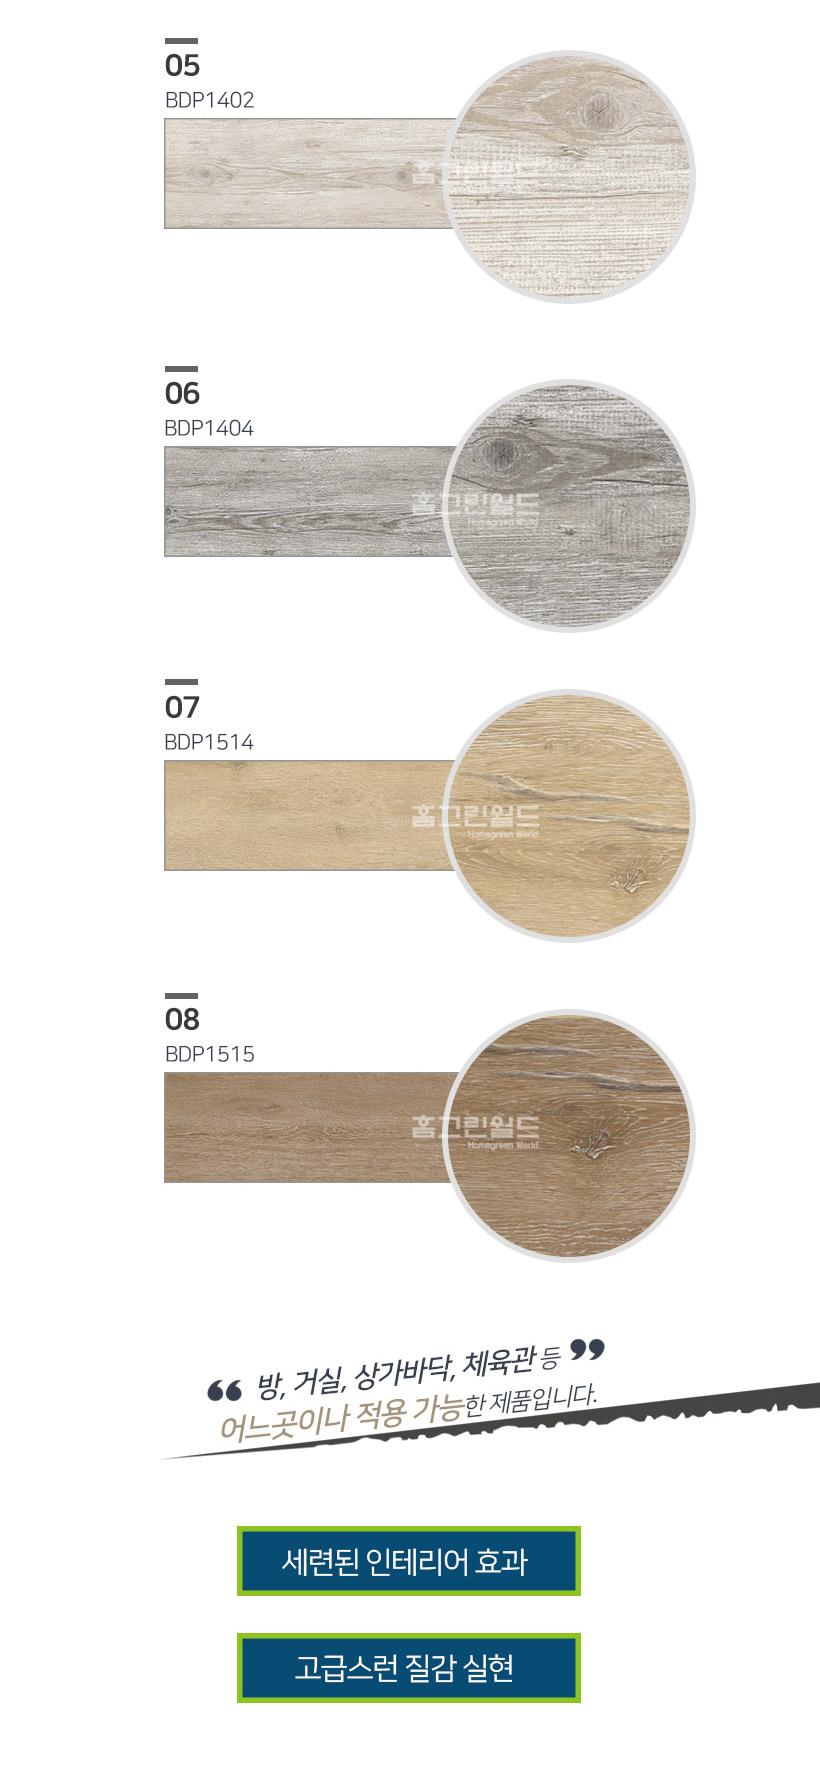 홈그린월드 본드식 데코타일 3mm국산 학원 셀프시공 - 홈그린월드, 22,500원, 타일, 우드타일